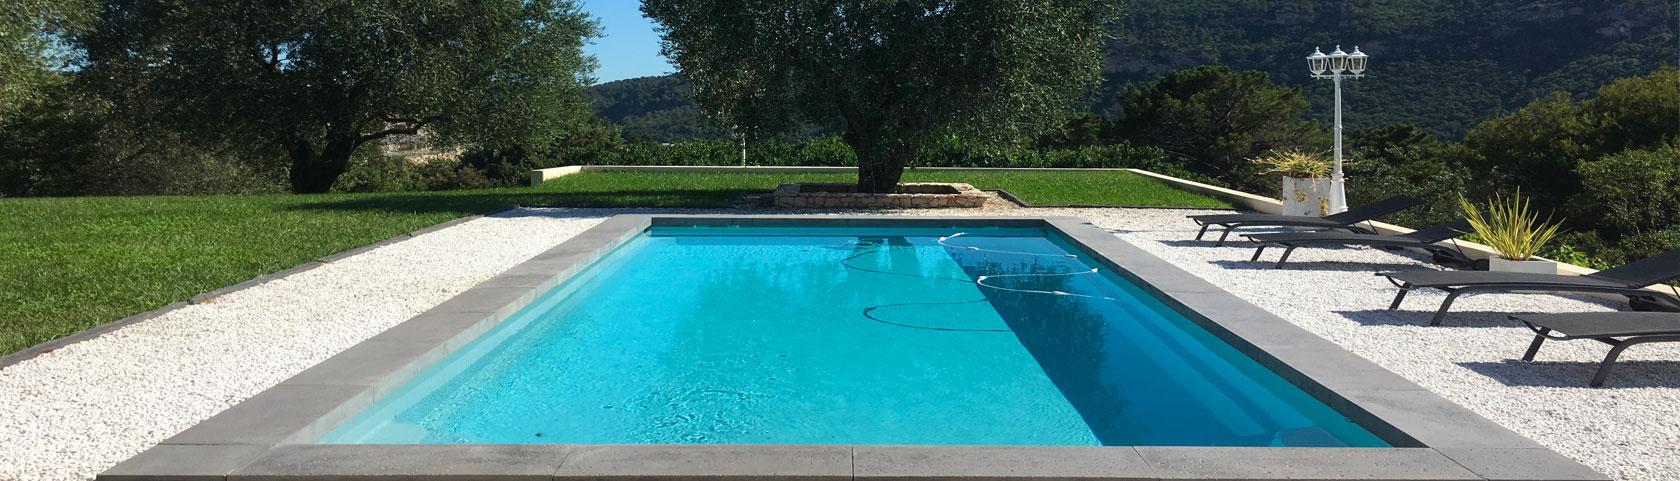 Spa piscines nice pisciniste alpes maritimes pour votre for Piscine alpes maritimes